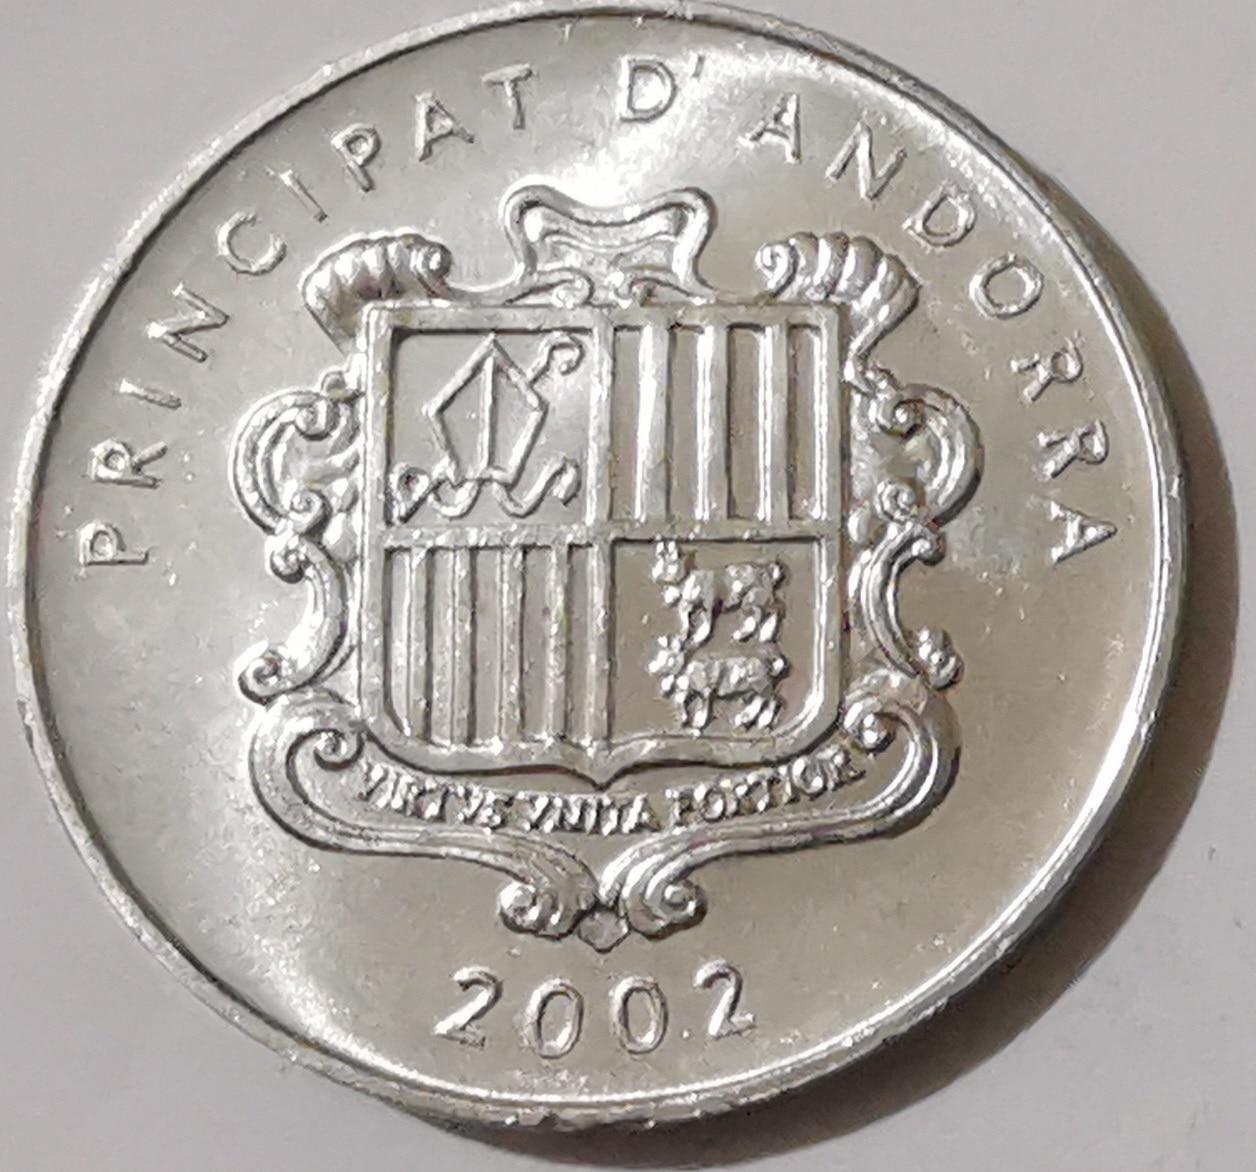 Andorra 2002 1 centavo moneda conmemorativa de 100% Real Original y genuino moneda colección monedas